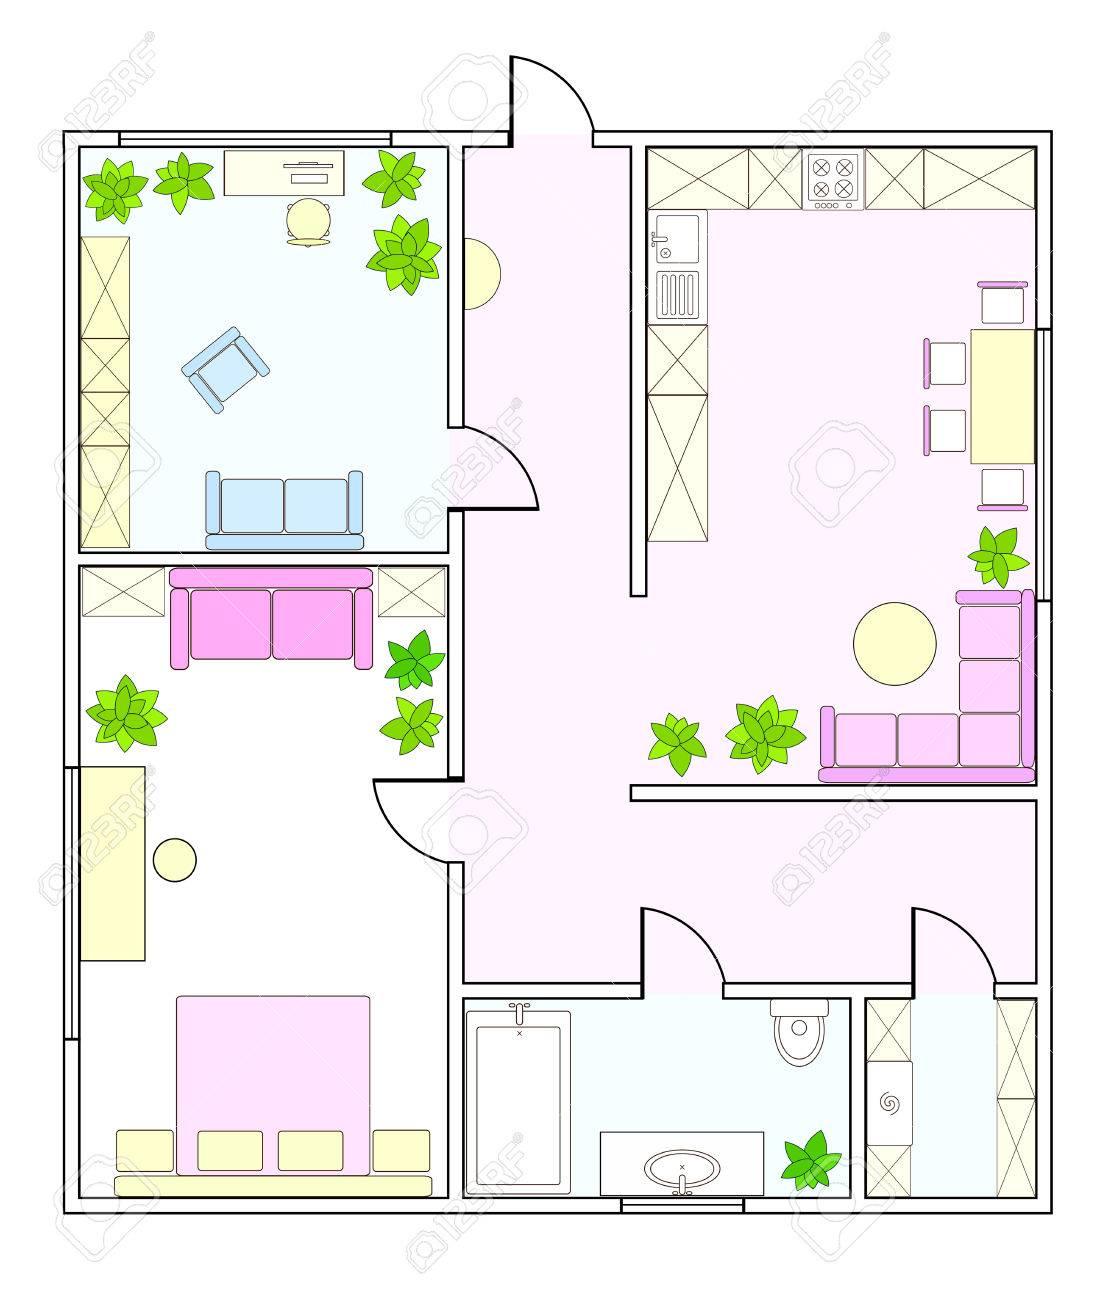 Zusammenfassung Vektor-Plan Von Zwei-Zimmer-Wohnung, Mit Küche, Bad ...